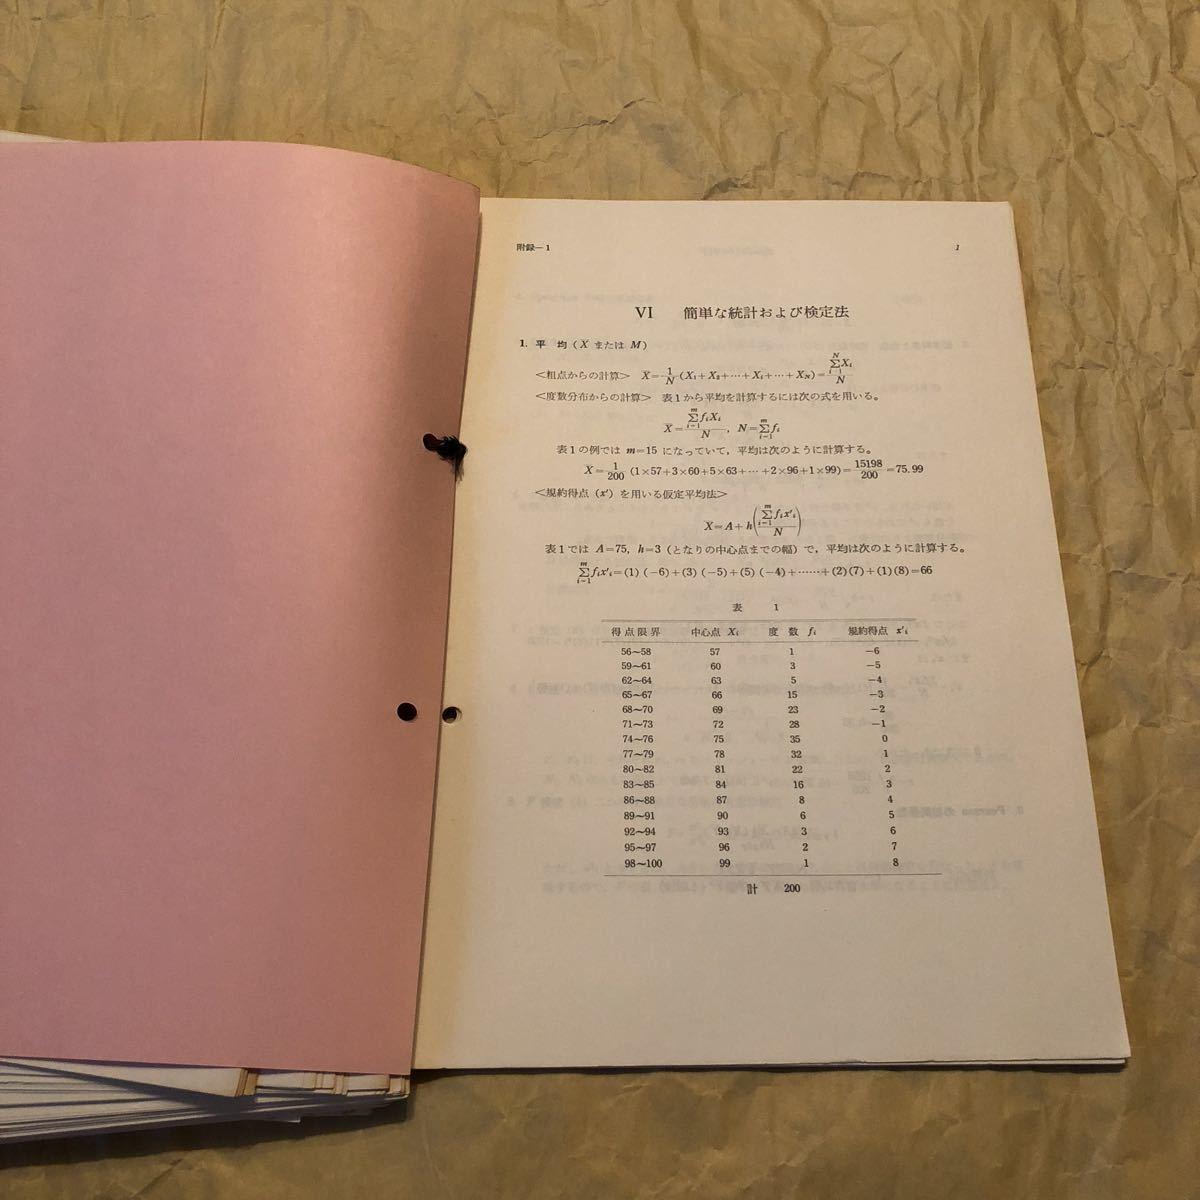 【心理学】『新版 実験とテスト 心理学の基礎』1974年★心理学実験指導研究会編★経年くすみあり_画像10